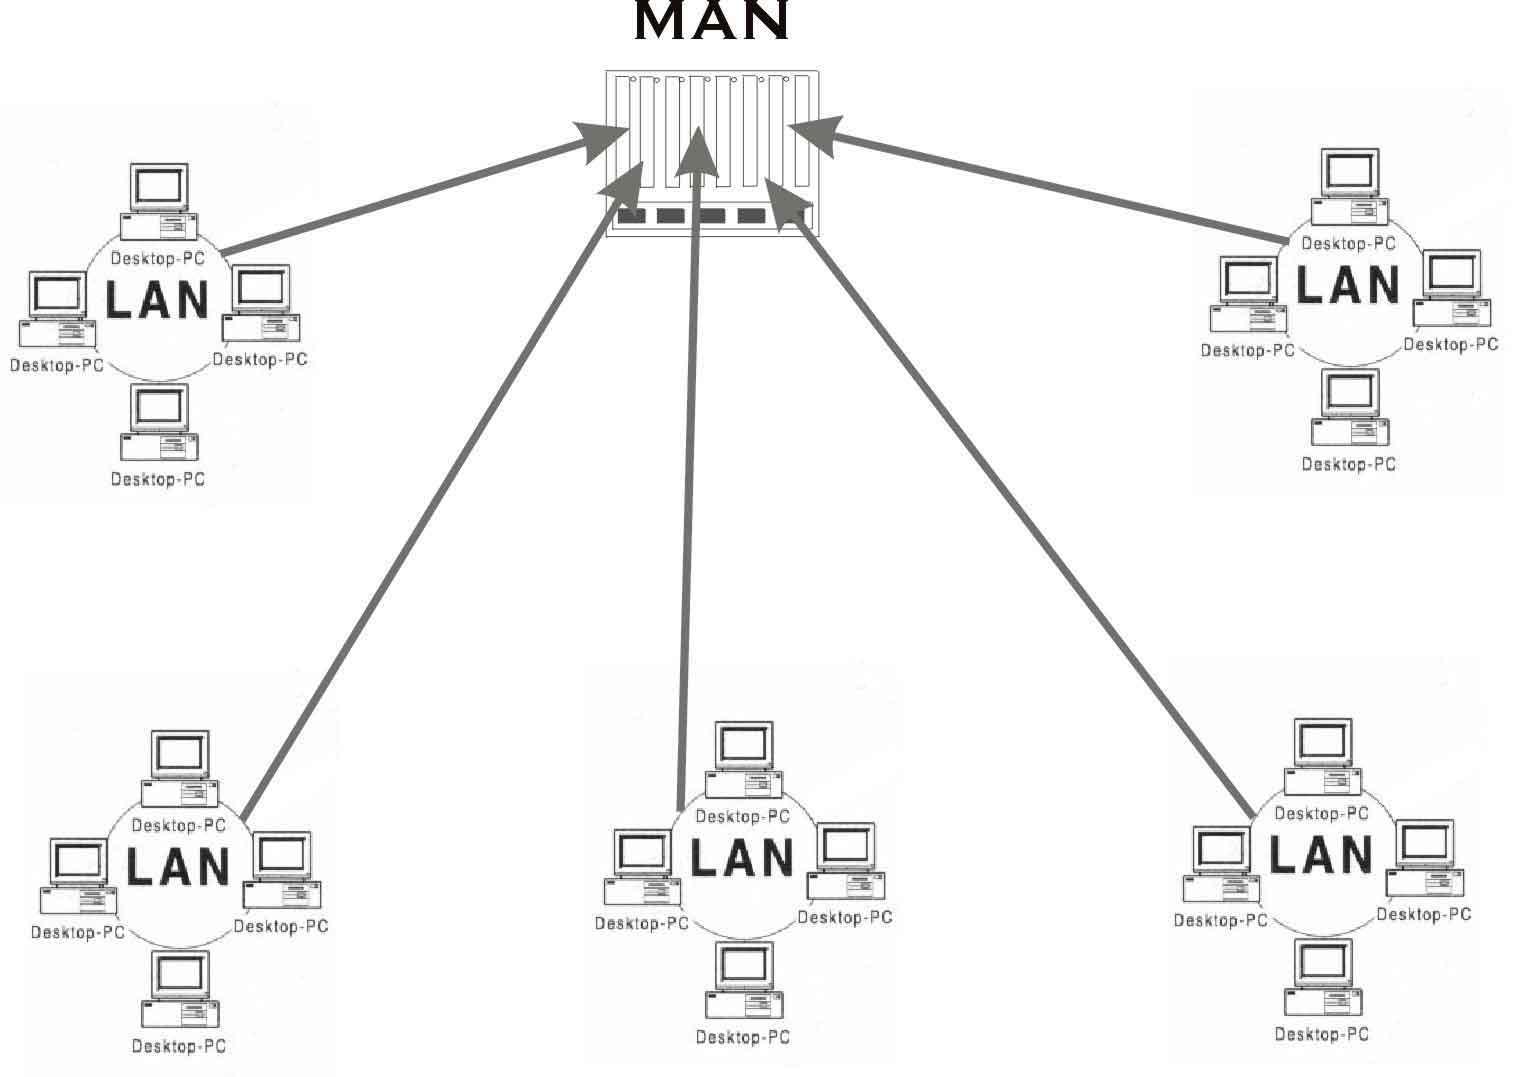 1 3 6 tipos de redes  lan  man  wan